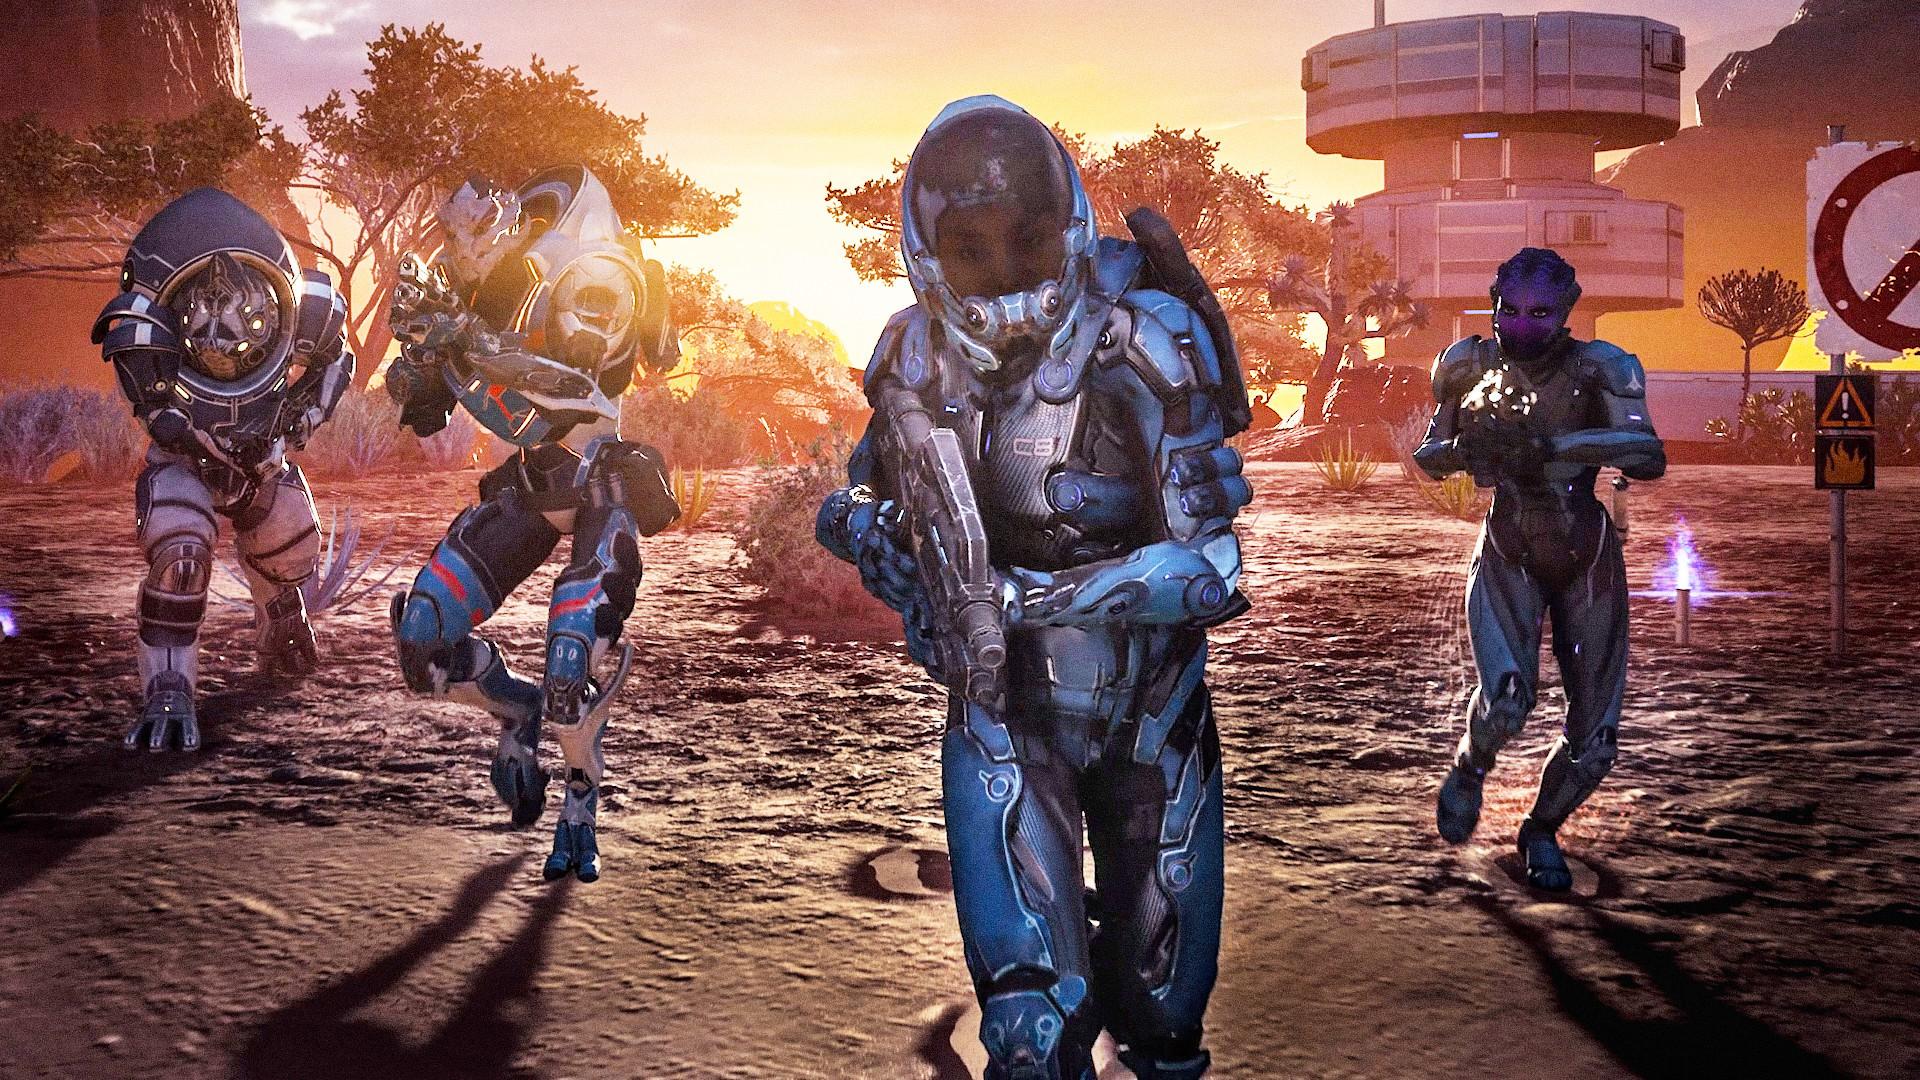 <p><span>Фото &copy; Electronic Arts Inc.</span></p>